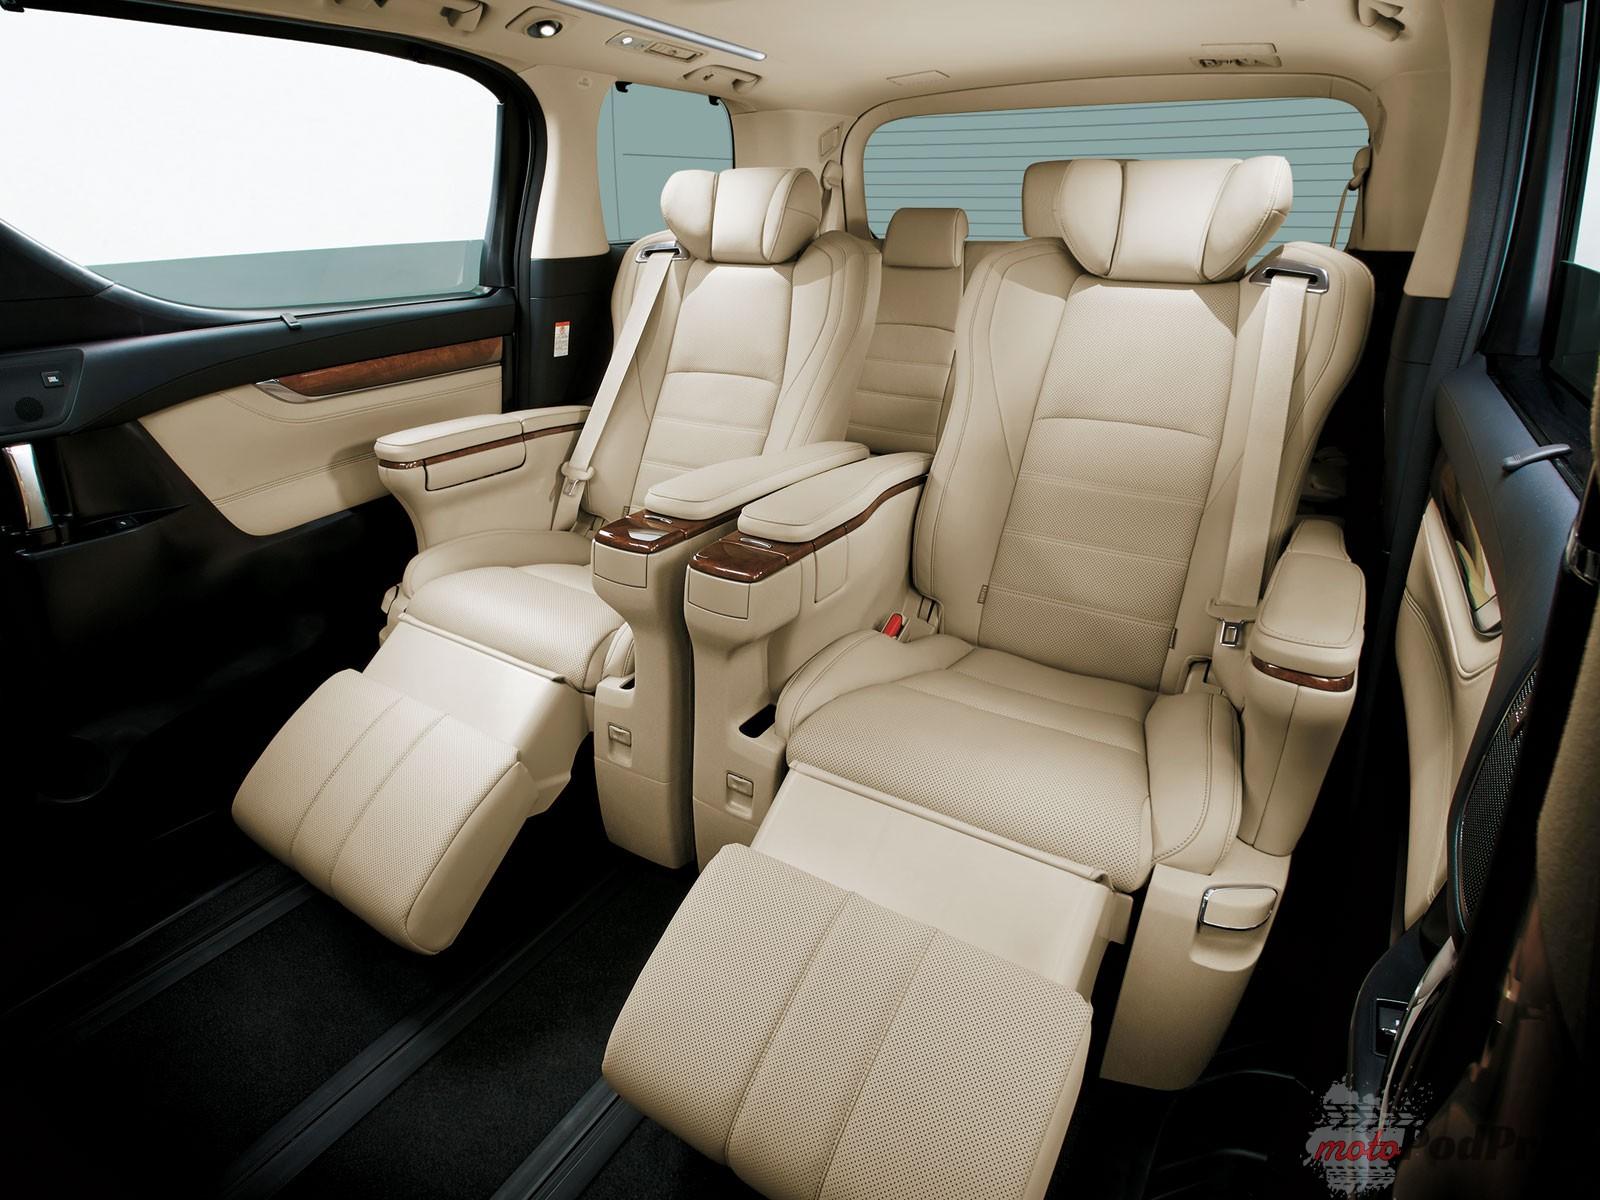 FOTELE Niedostępne w Polsce: Toyota Alphard. Klasa biznes.